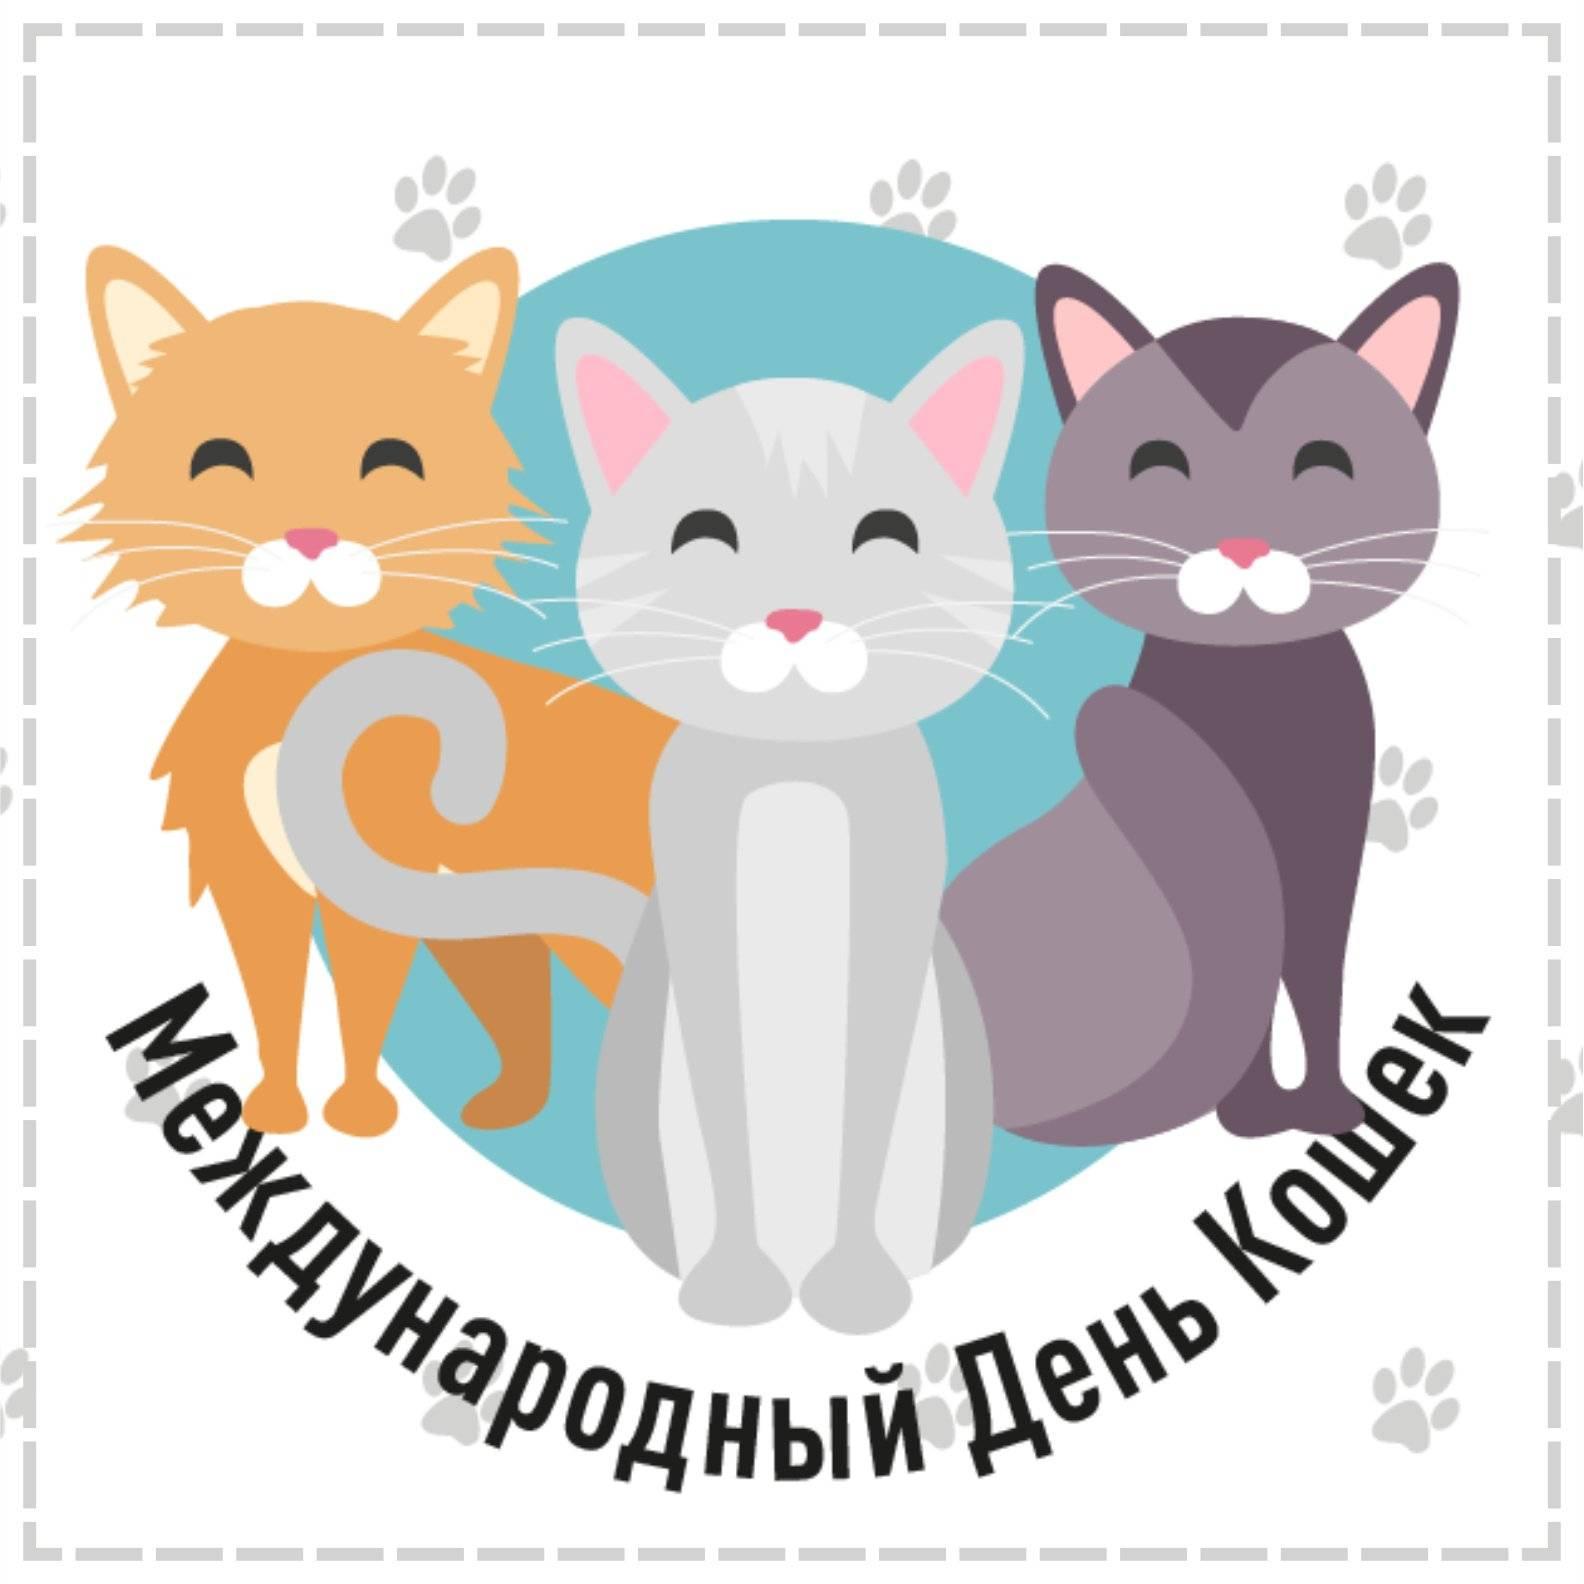 Праздничный день у котов: когда отмечают всемирные международные дни кошек